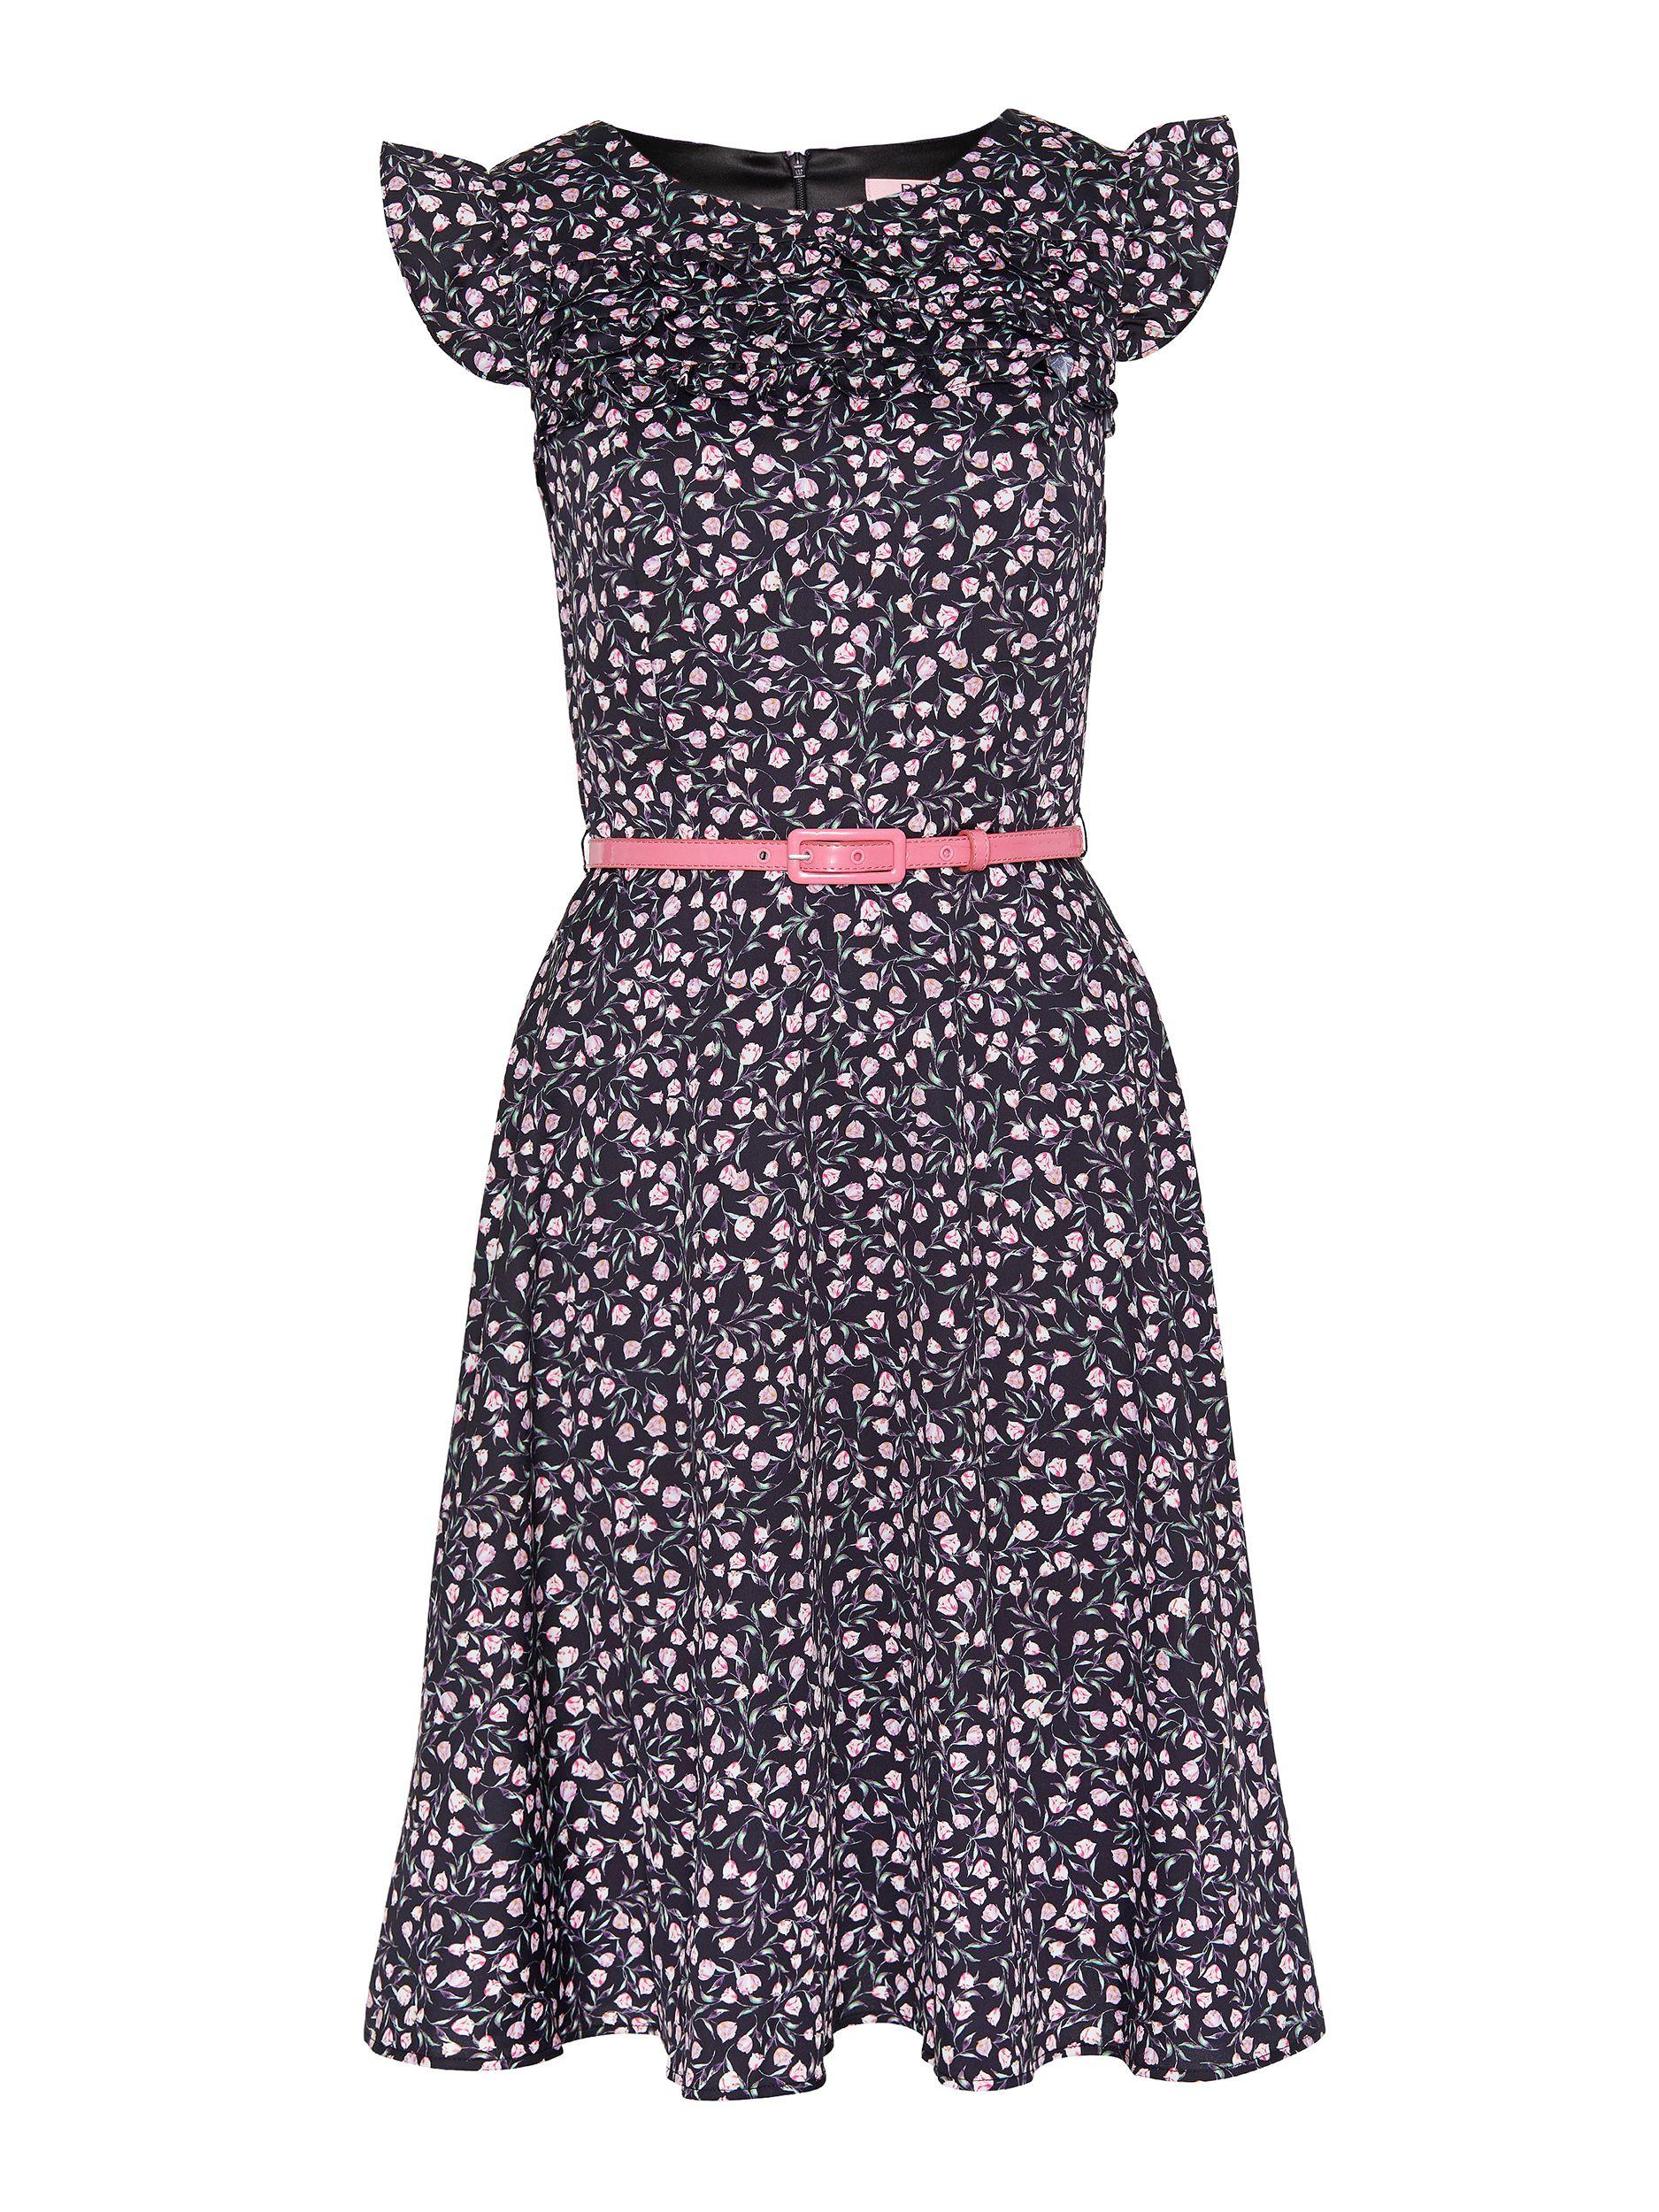 Tulip Dress Tulip Dress Review Dresses Review Clothing [ 2500 x 1875 Pixel ]